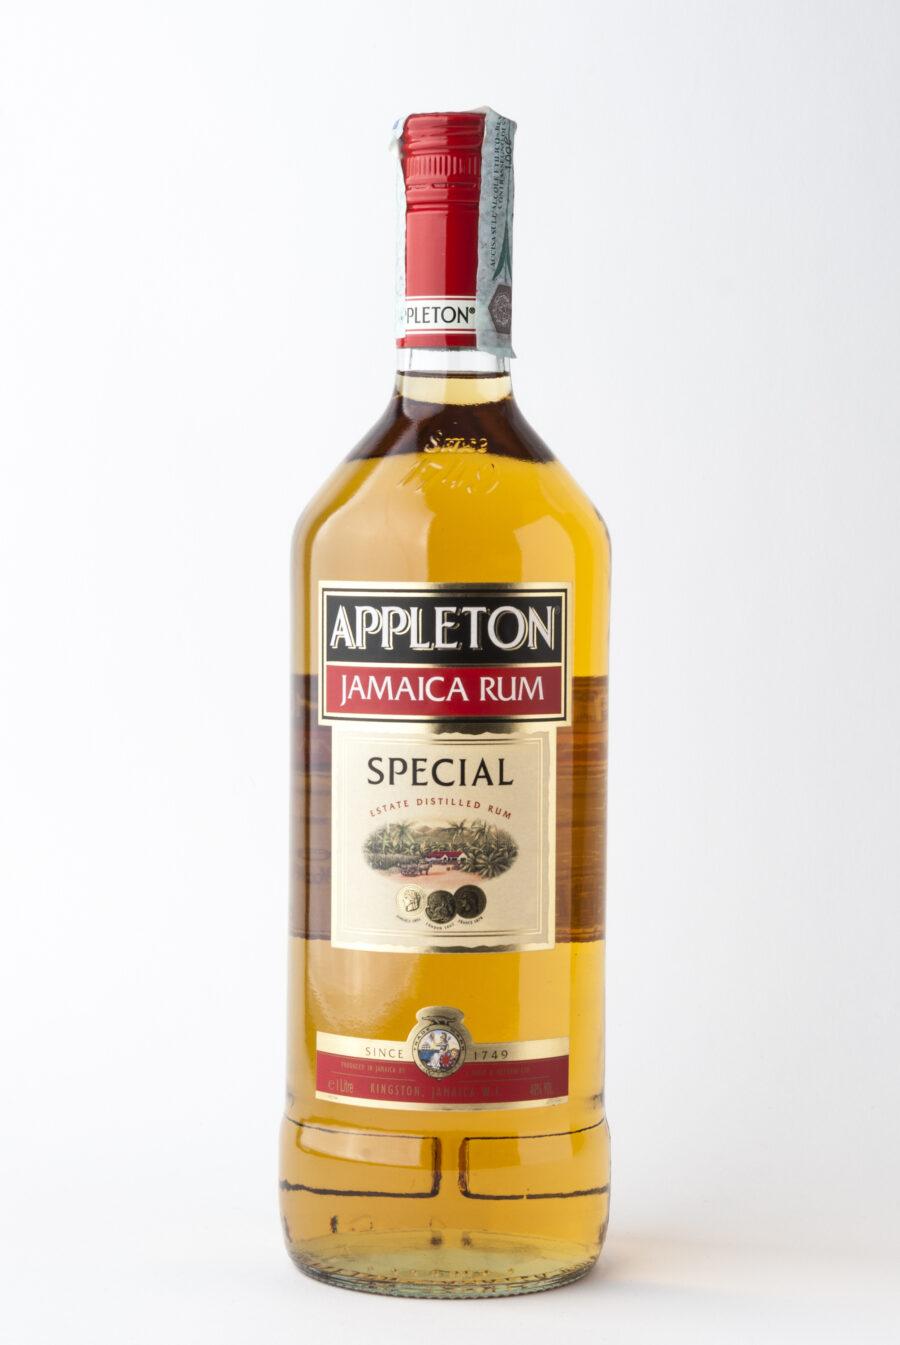 isla_de_rum_04010_rum_appleton_estate_special_jamaica_rum